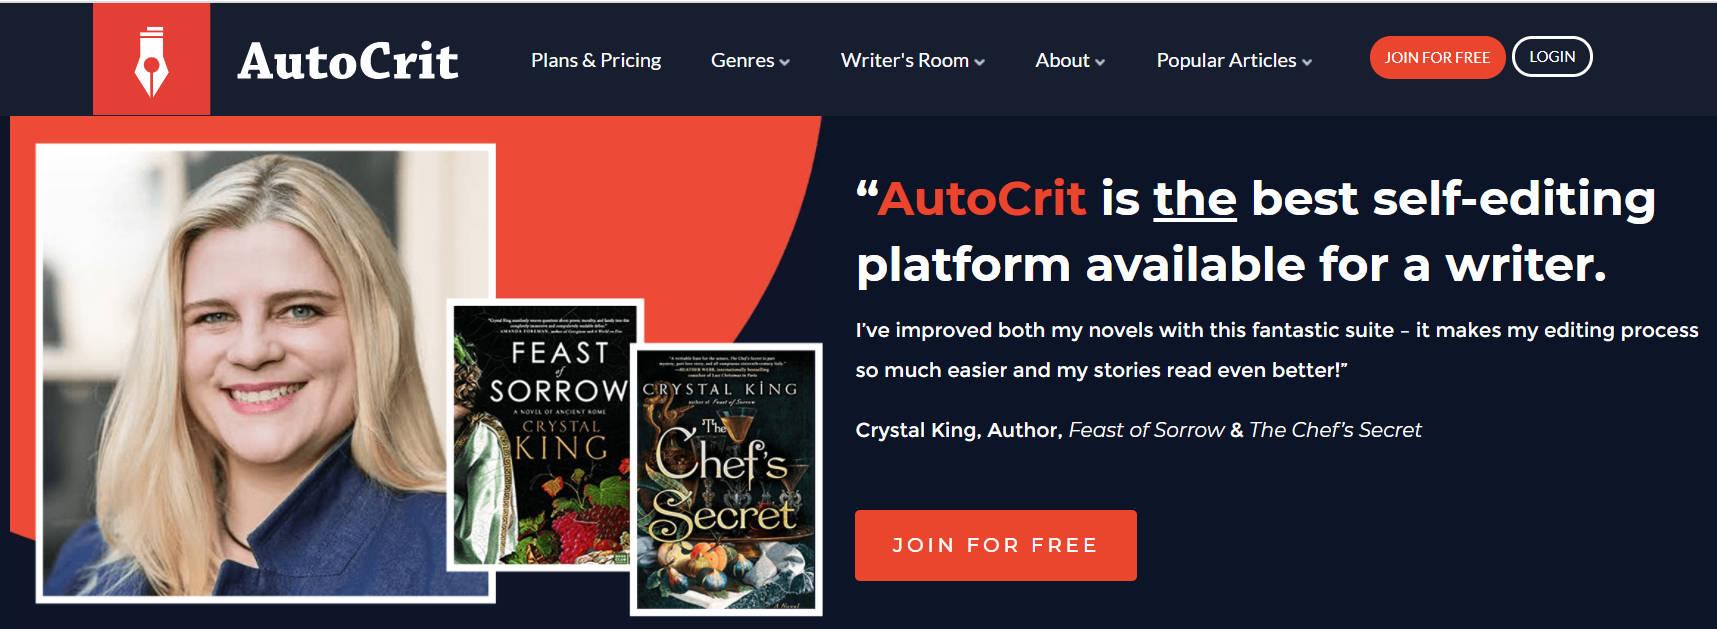 AutoCrit - Best Grammarly Alternatives